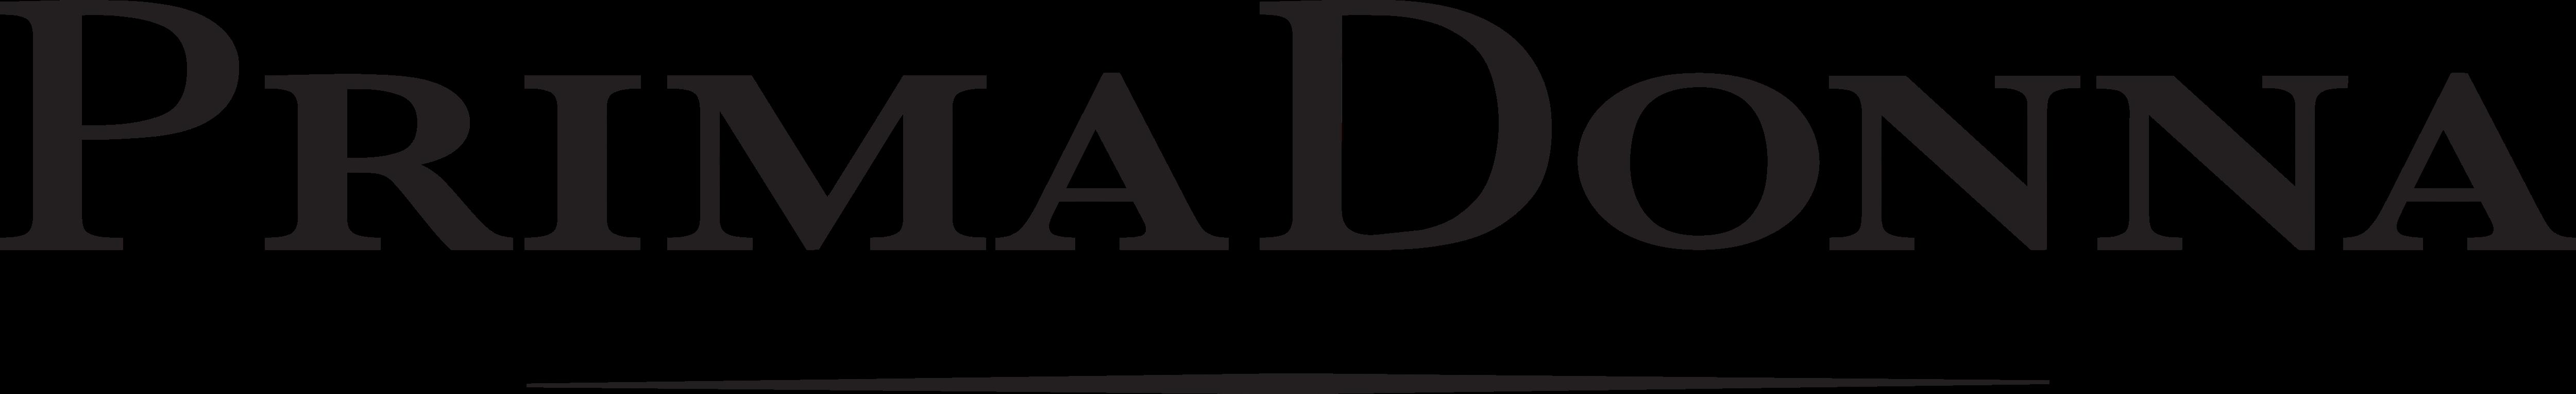 Primadonna – Logos Download